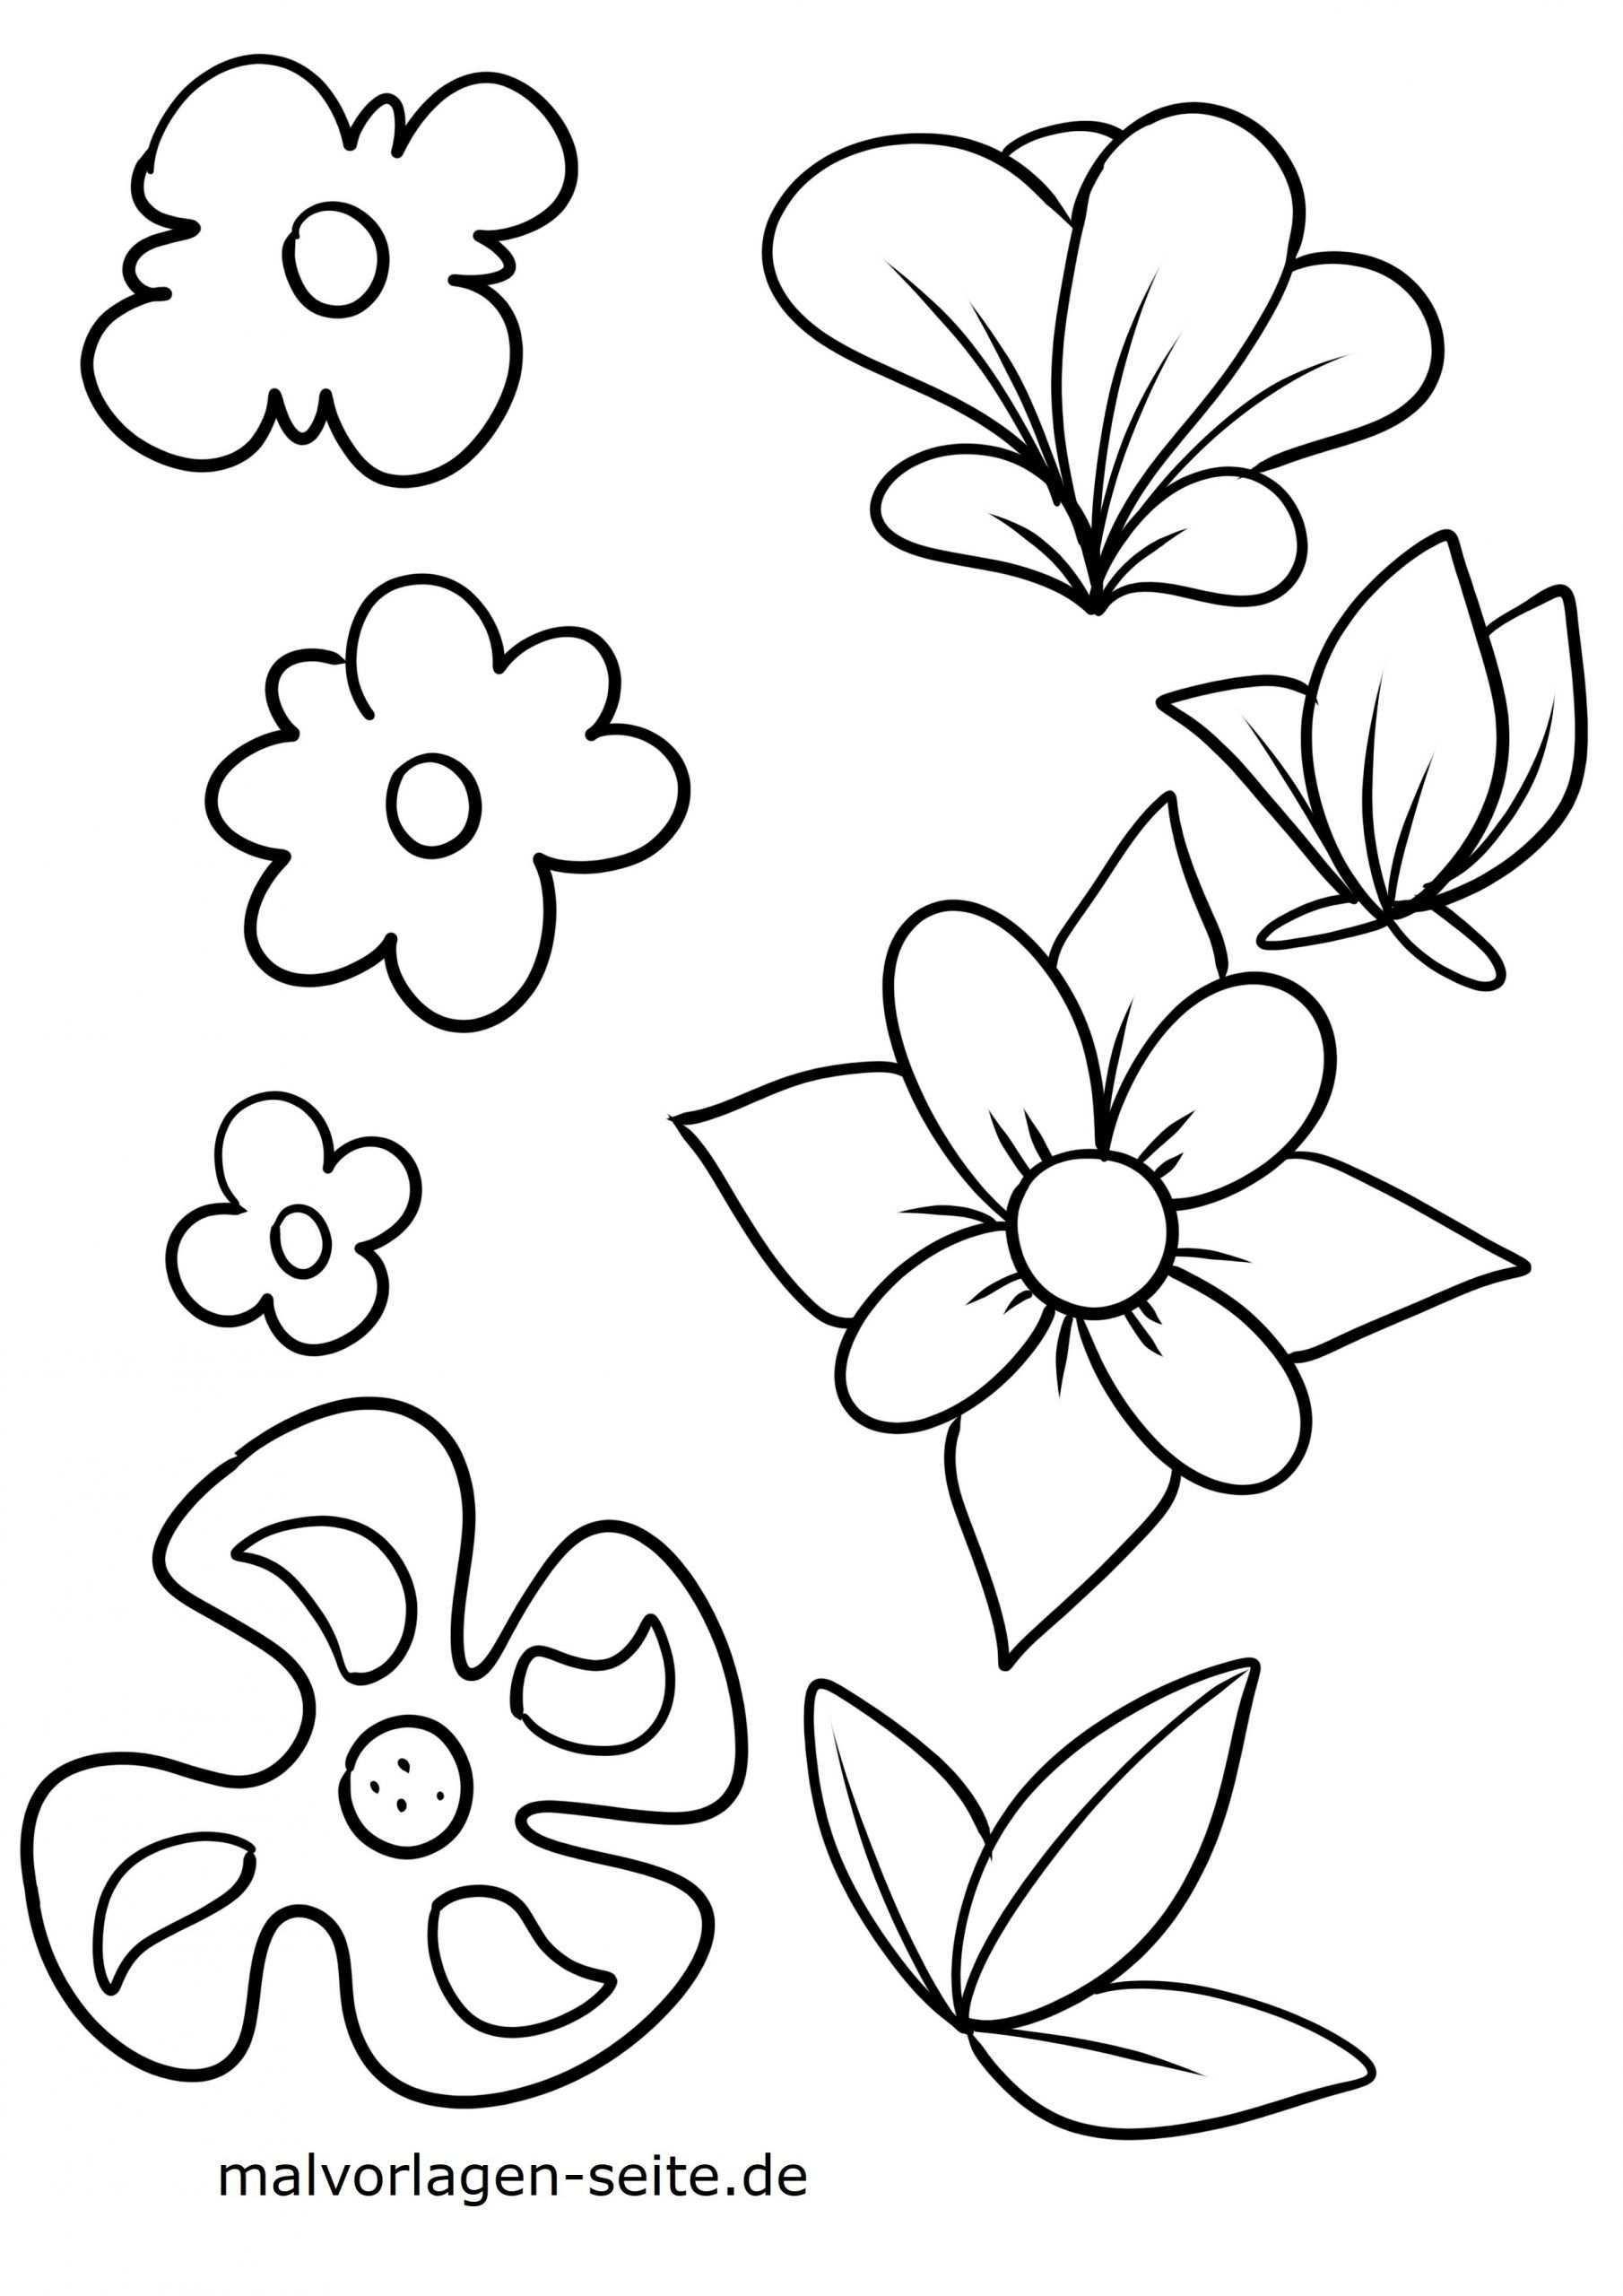 Malvorlagen Fur Kinder Blumen